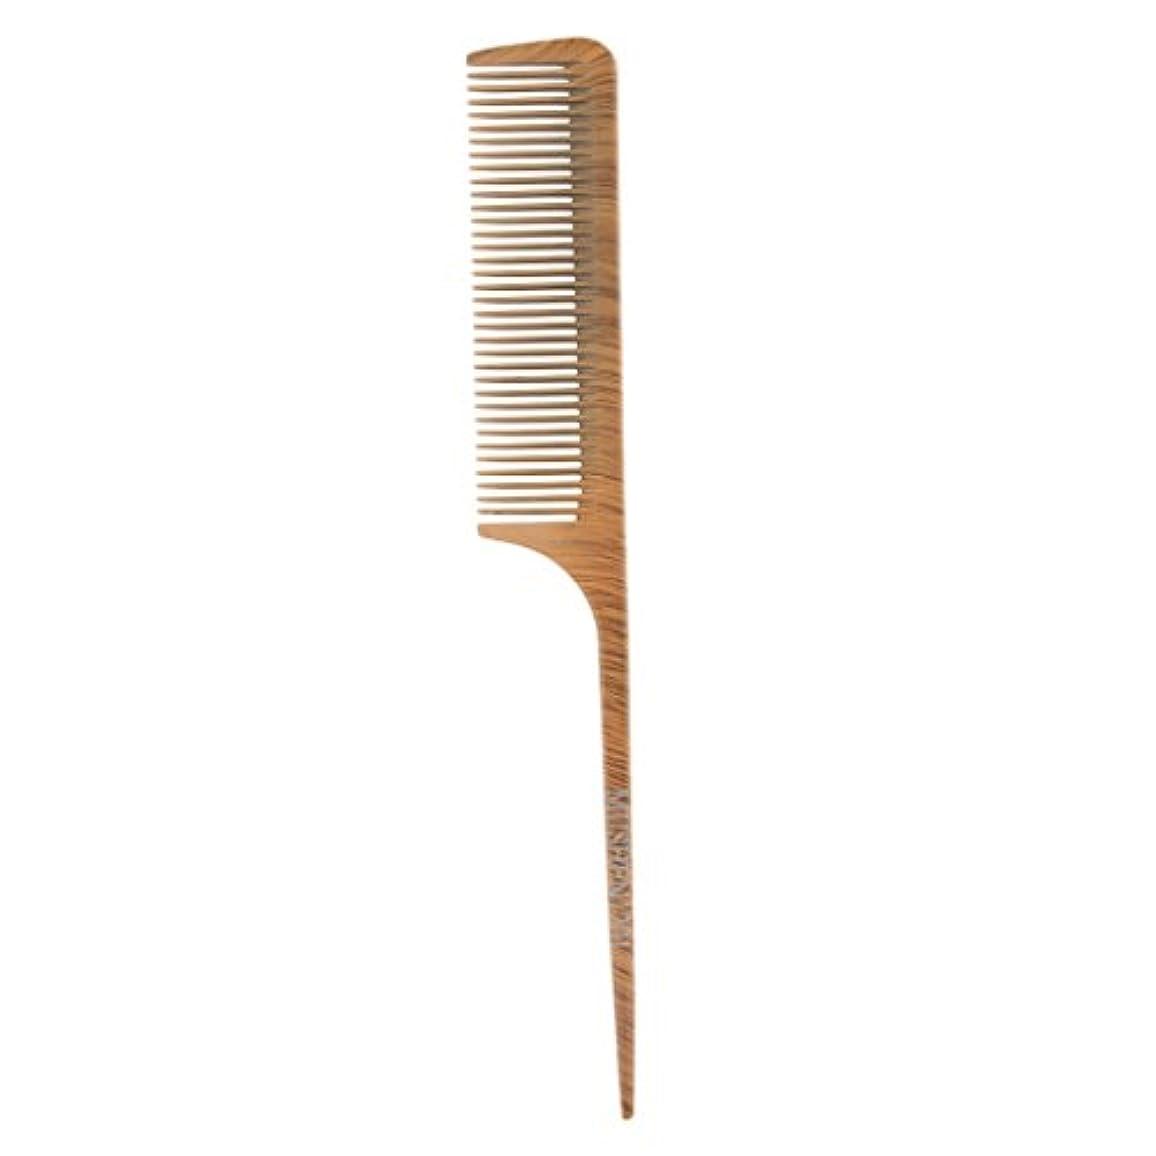 軽食一生電極ヘアコーム ヘアブラシ ヘアカットコーム ウッド 帯電防止 サロン 理髪師 ヘアケア 4タイプ選べる - 1201